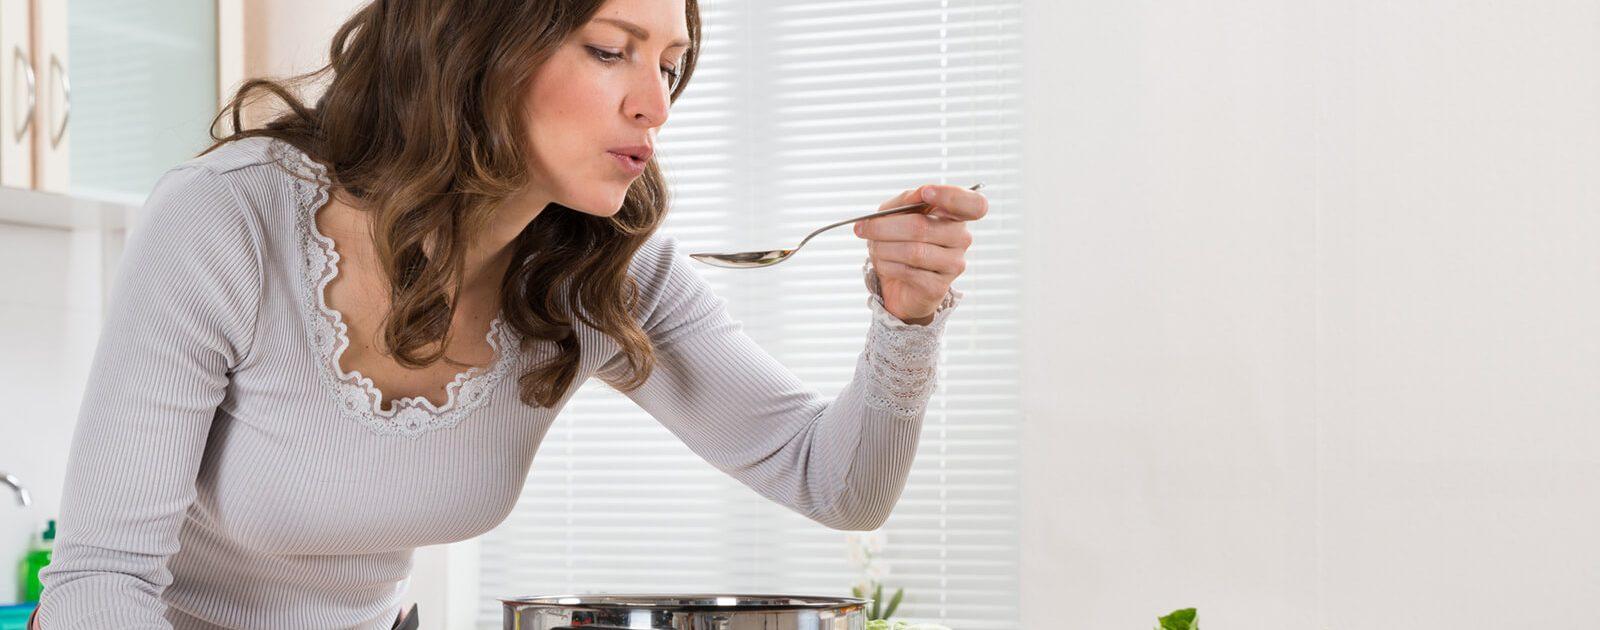 Riechen und Schmecken sind eng verbunden. Das merken wir oft beim Kochen.